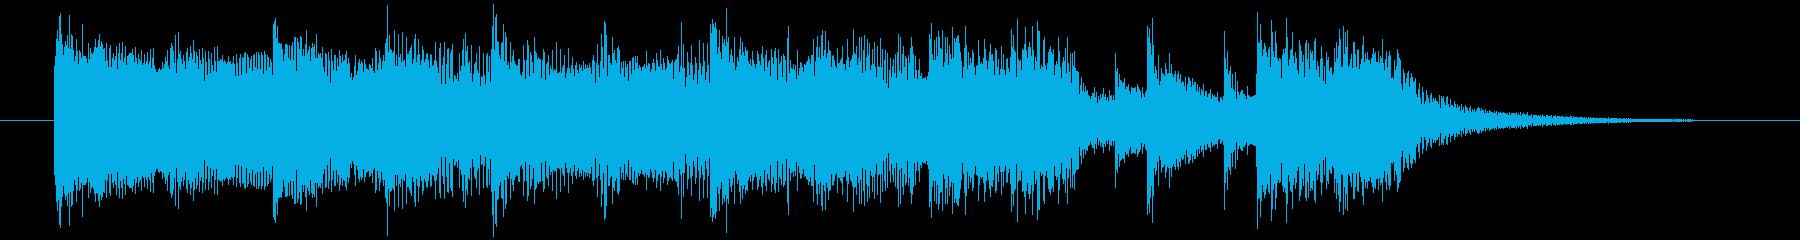 重く迫力あるロックギターメインのロゴの再生済みの波形